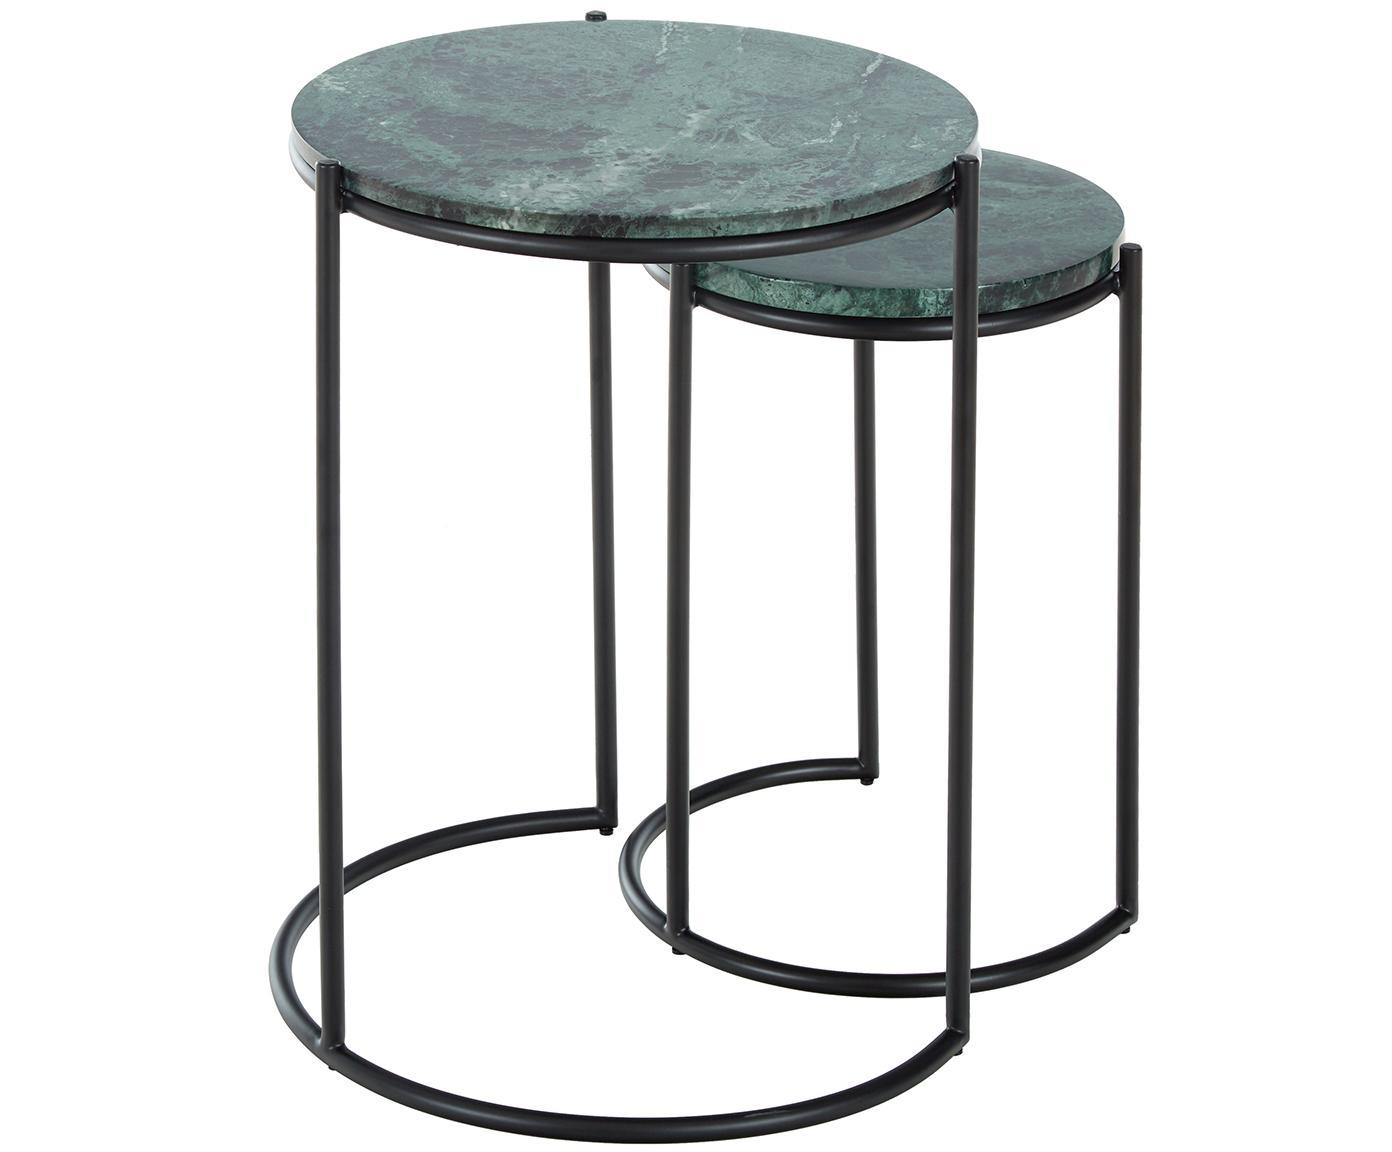 Marmor-Beistelltisch-Set Ella, Tischplatten: Grüner Marmor Gestelle: Schwarz, matt, Sondergrößen